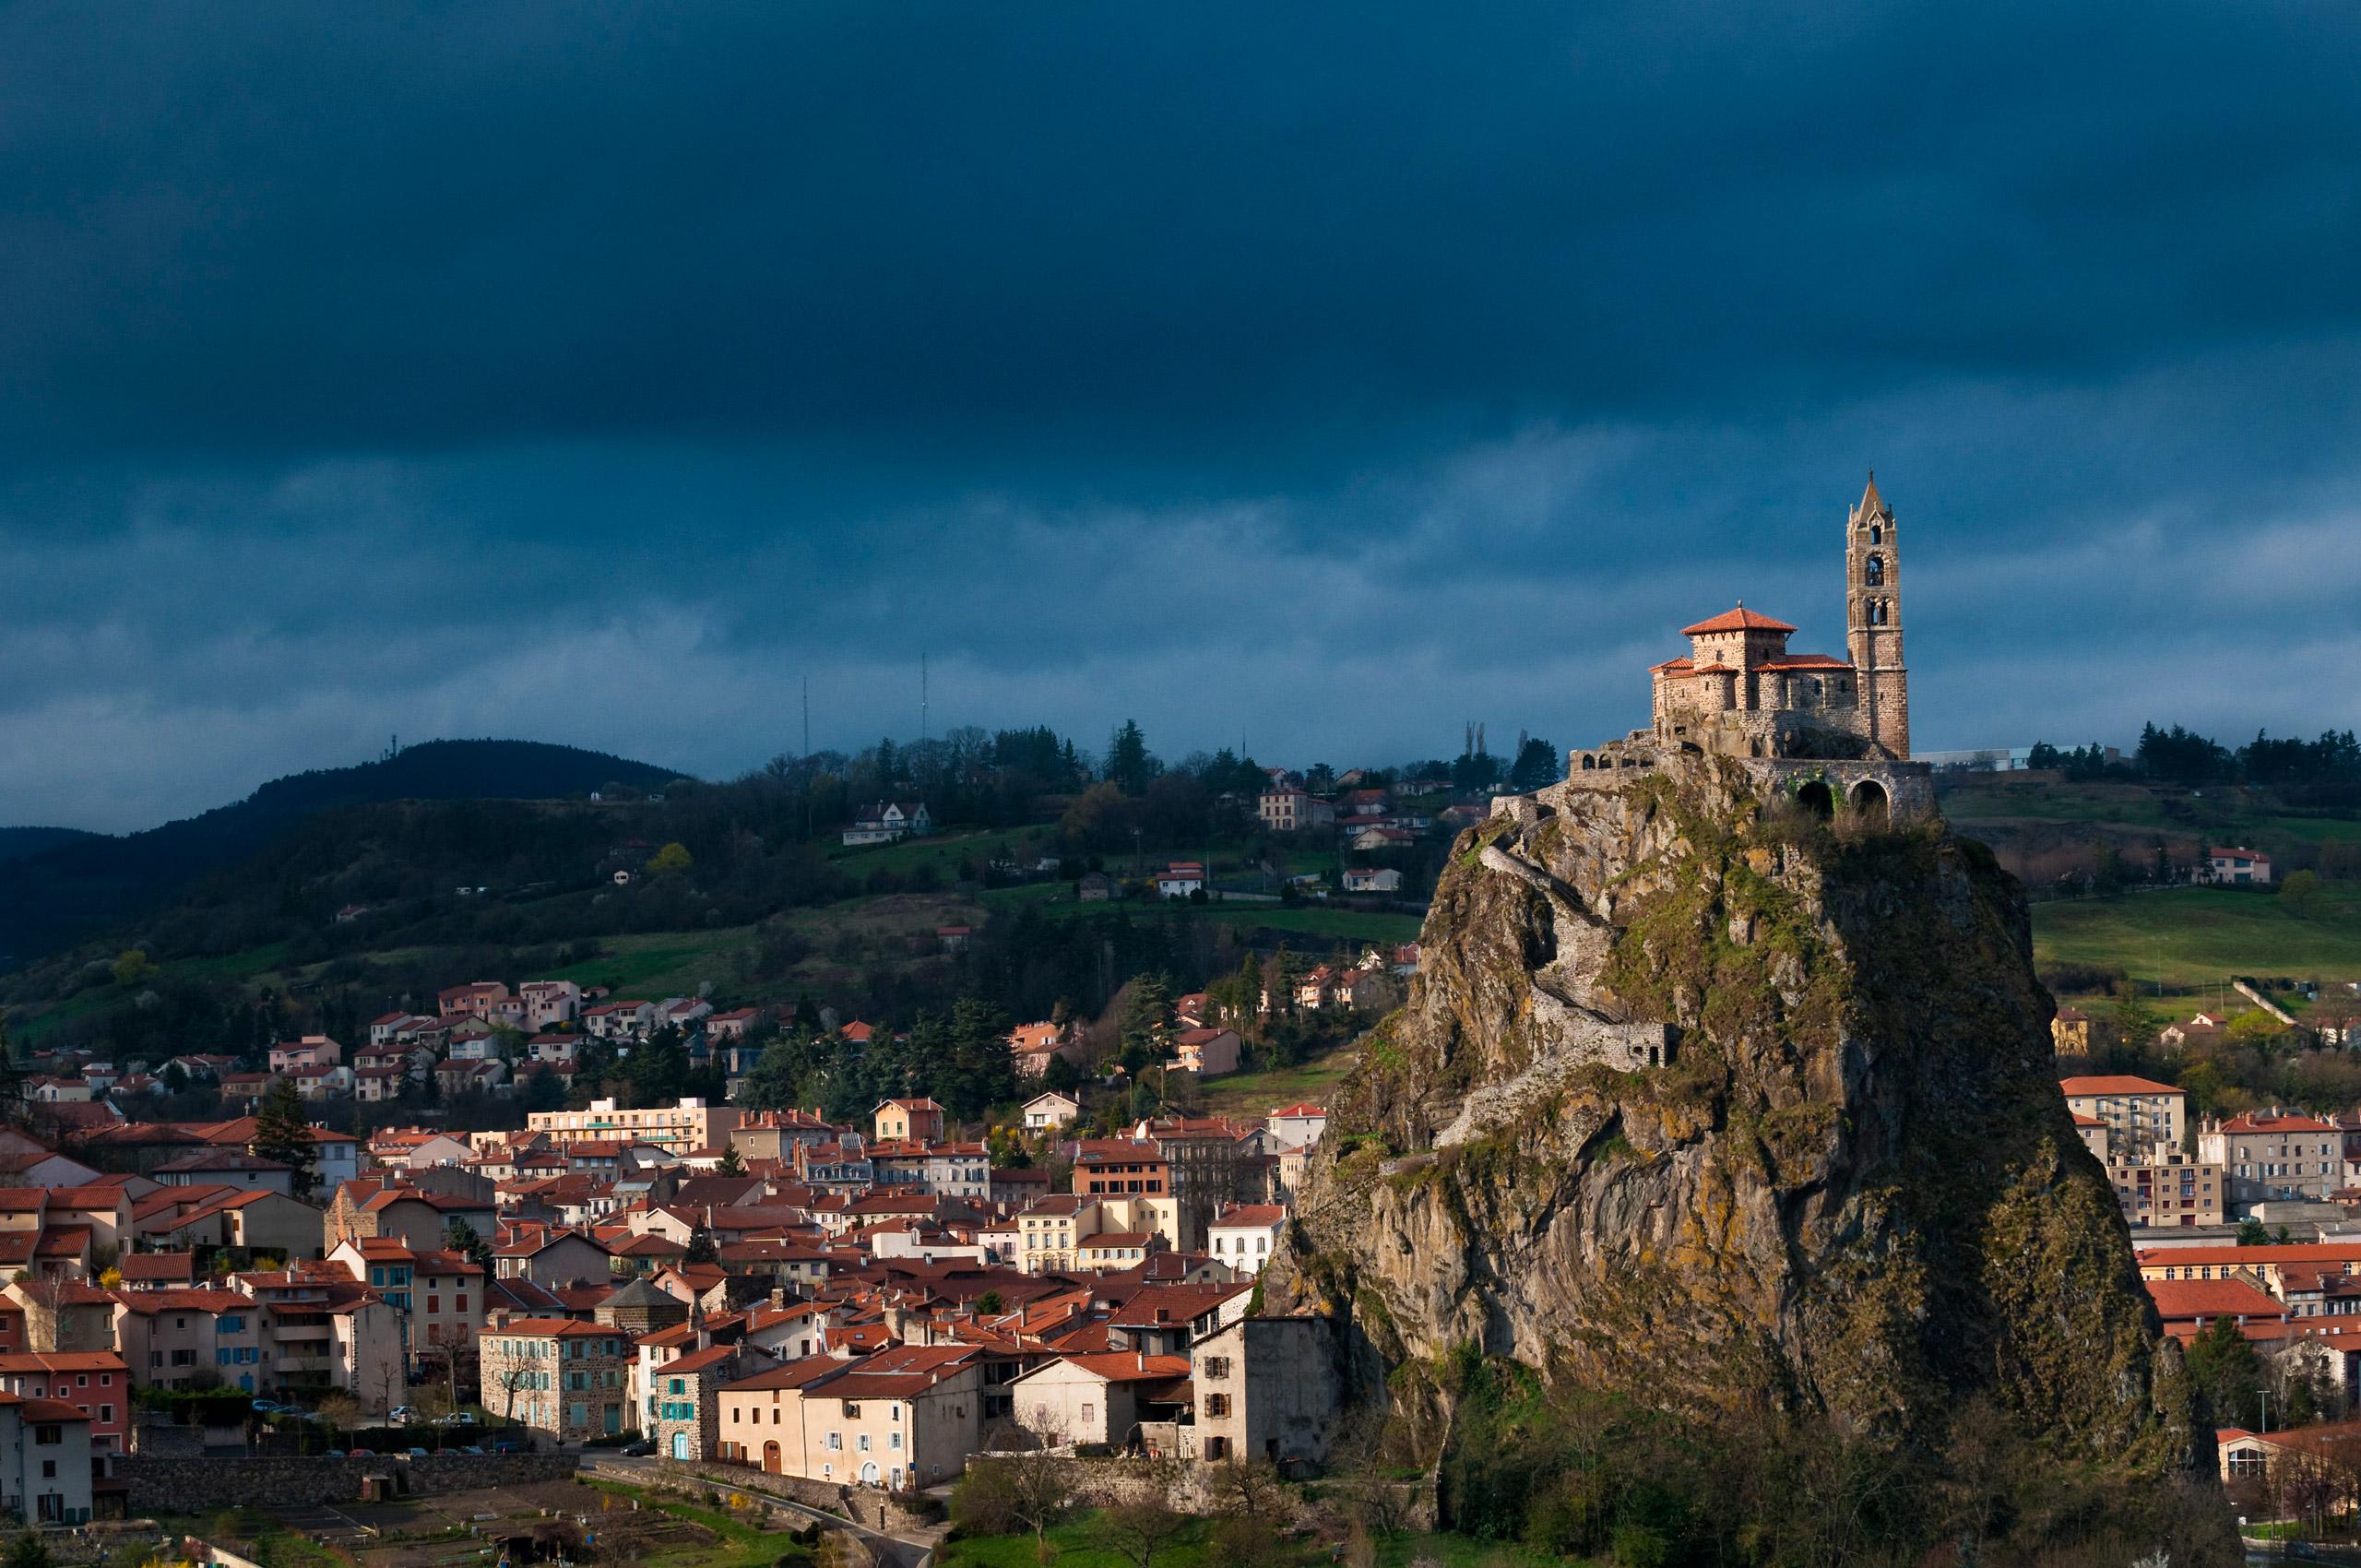 10 Apr 2009, Le Puy, France --- France, Haute-Loire, along El Camino de Santiago, UNESCO World Heritage, Le Puy-en-Velay, rocher Corneille and chapel of Saint-Michel Aiguilhe --- Image by © Marc Dozier/Corbis